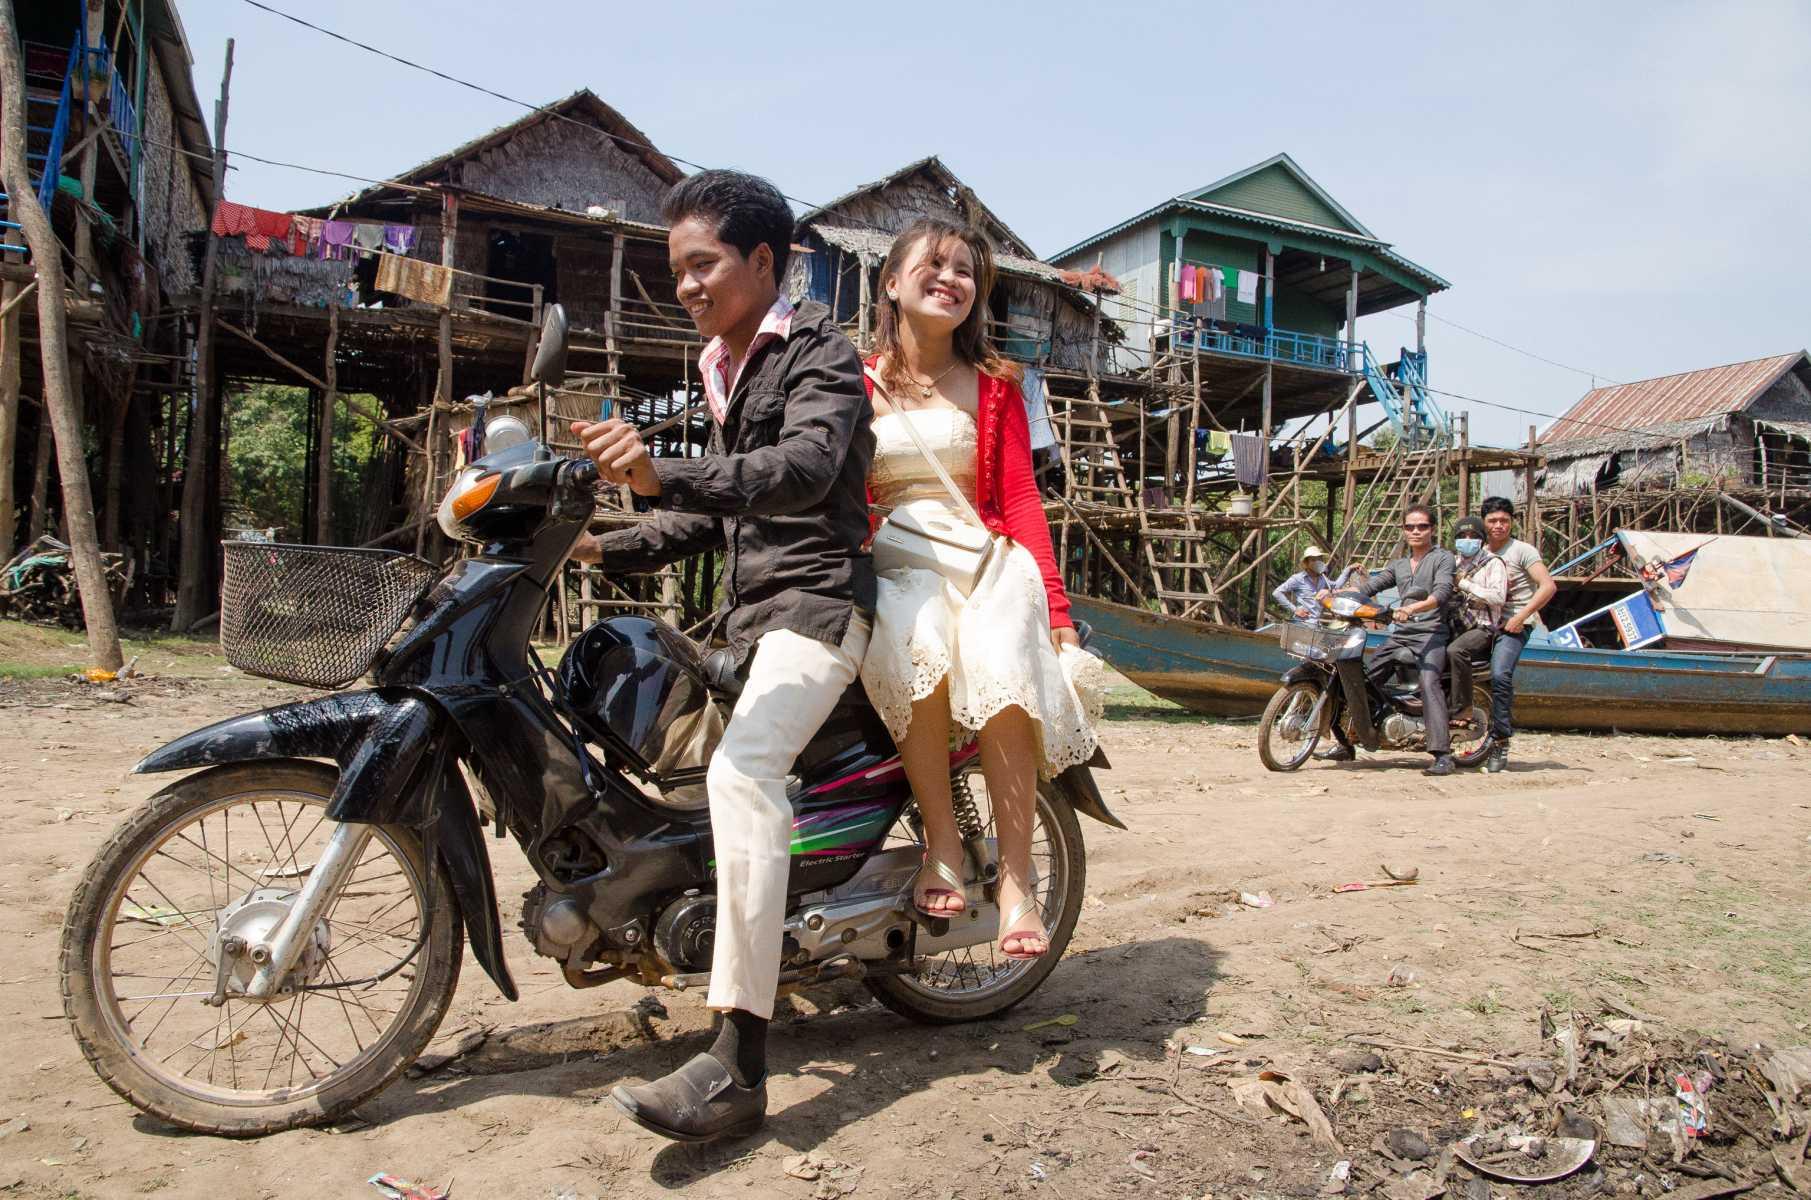 Cambodge - Angkor - Scène de village sur les rives du lac Tonle Sap, au pays d'Angkor